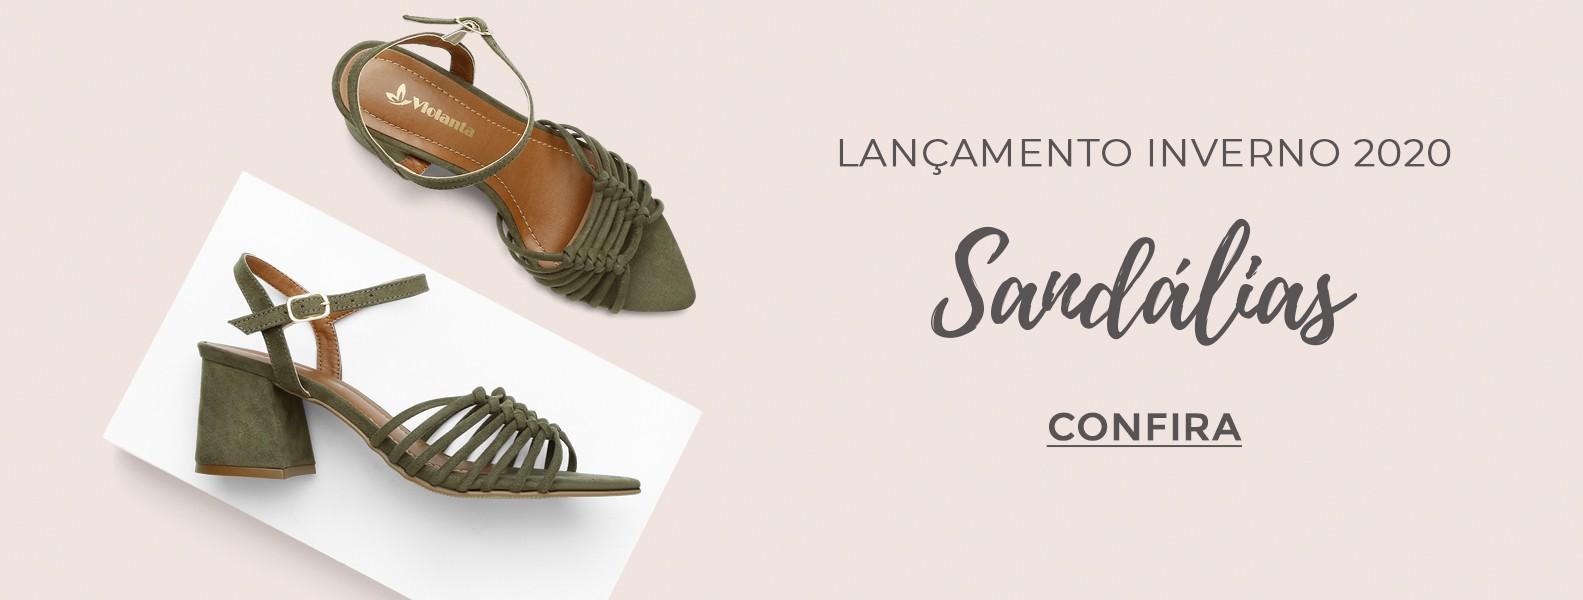 Lançamento sandálias